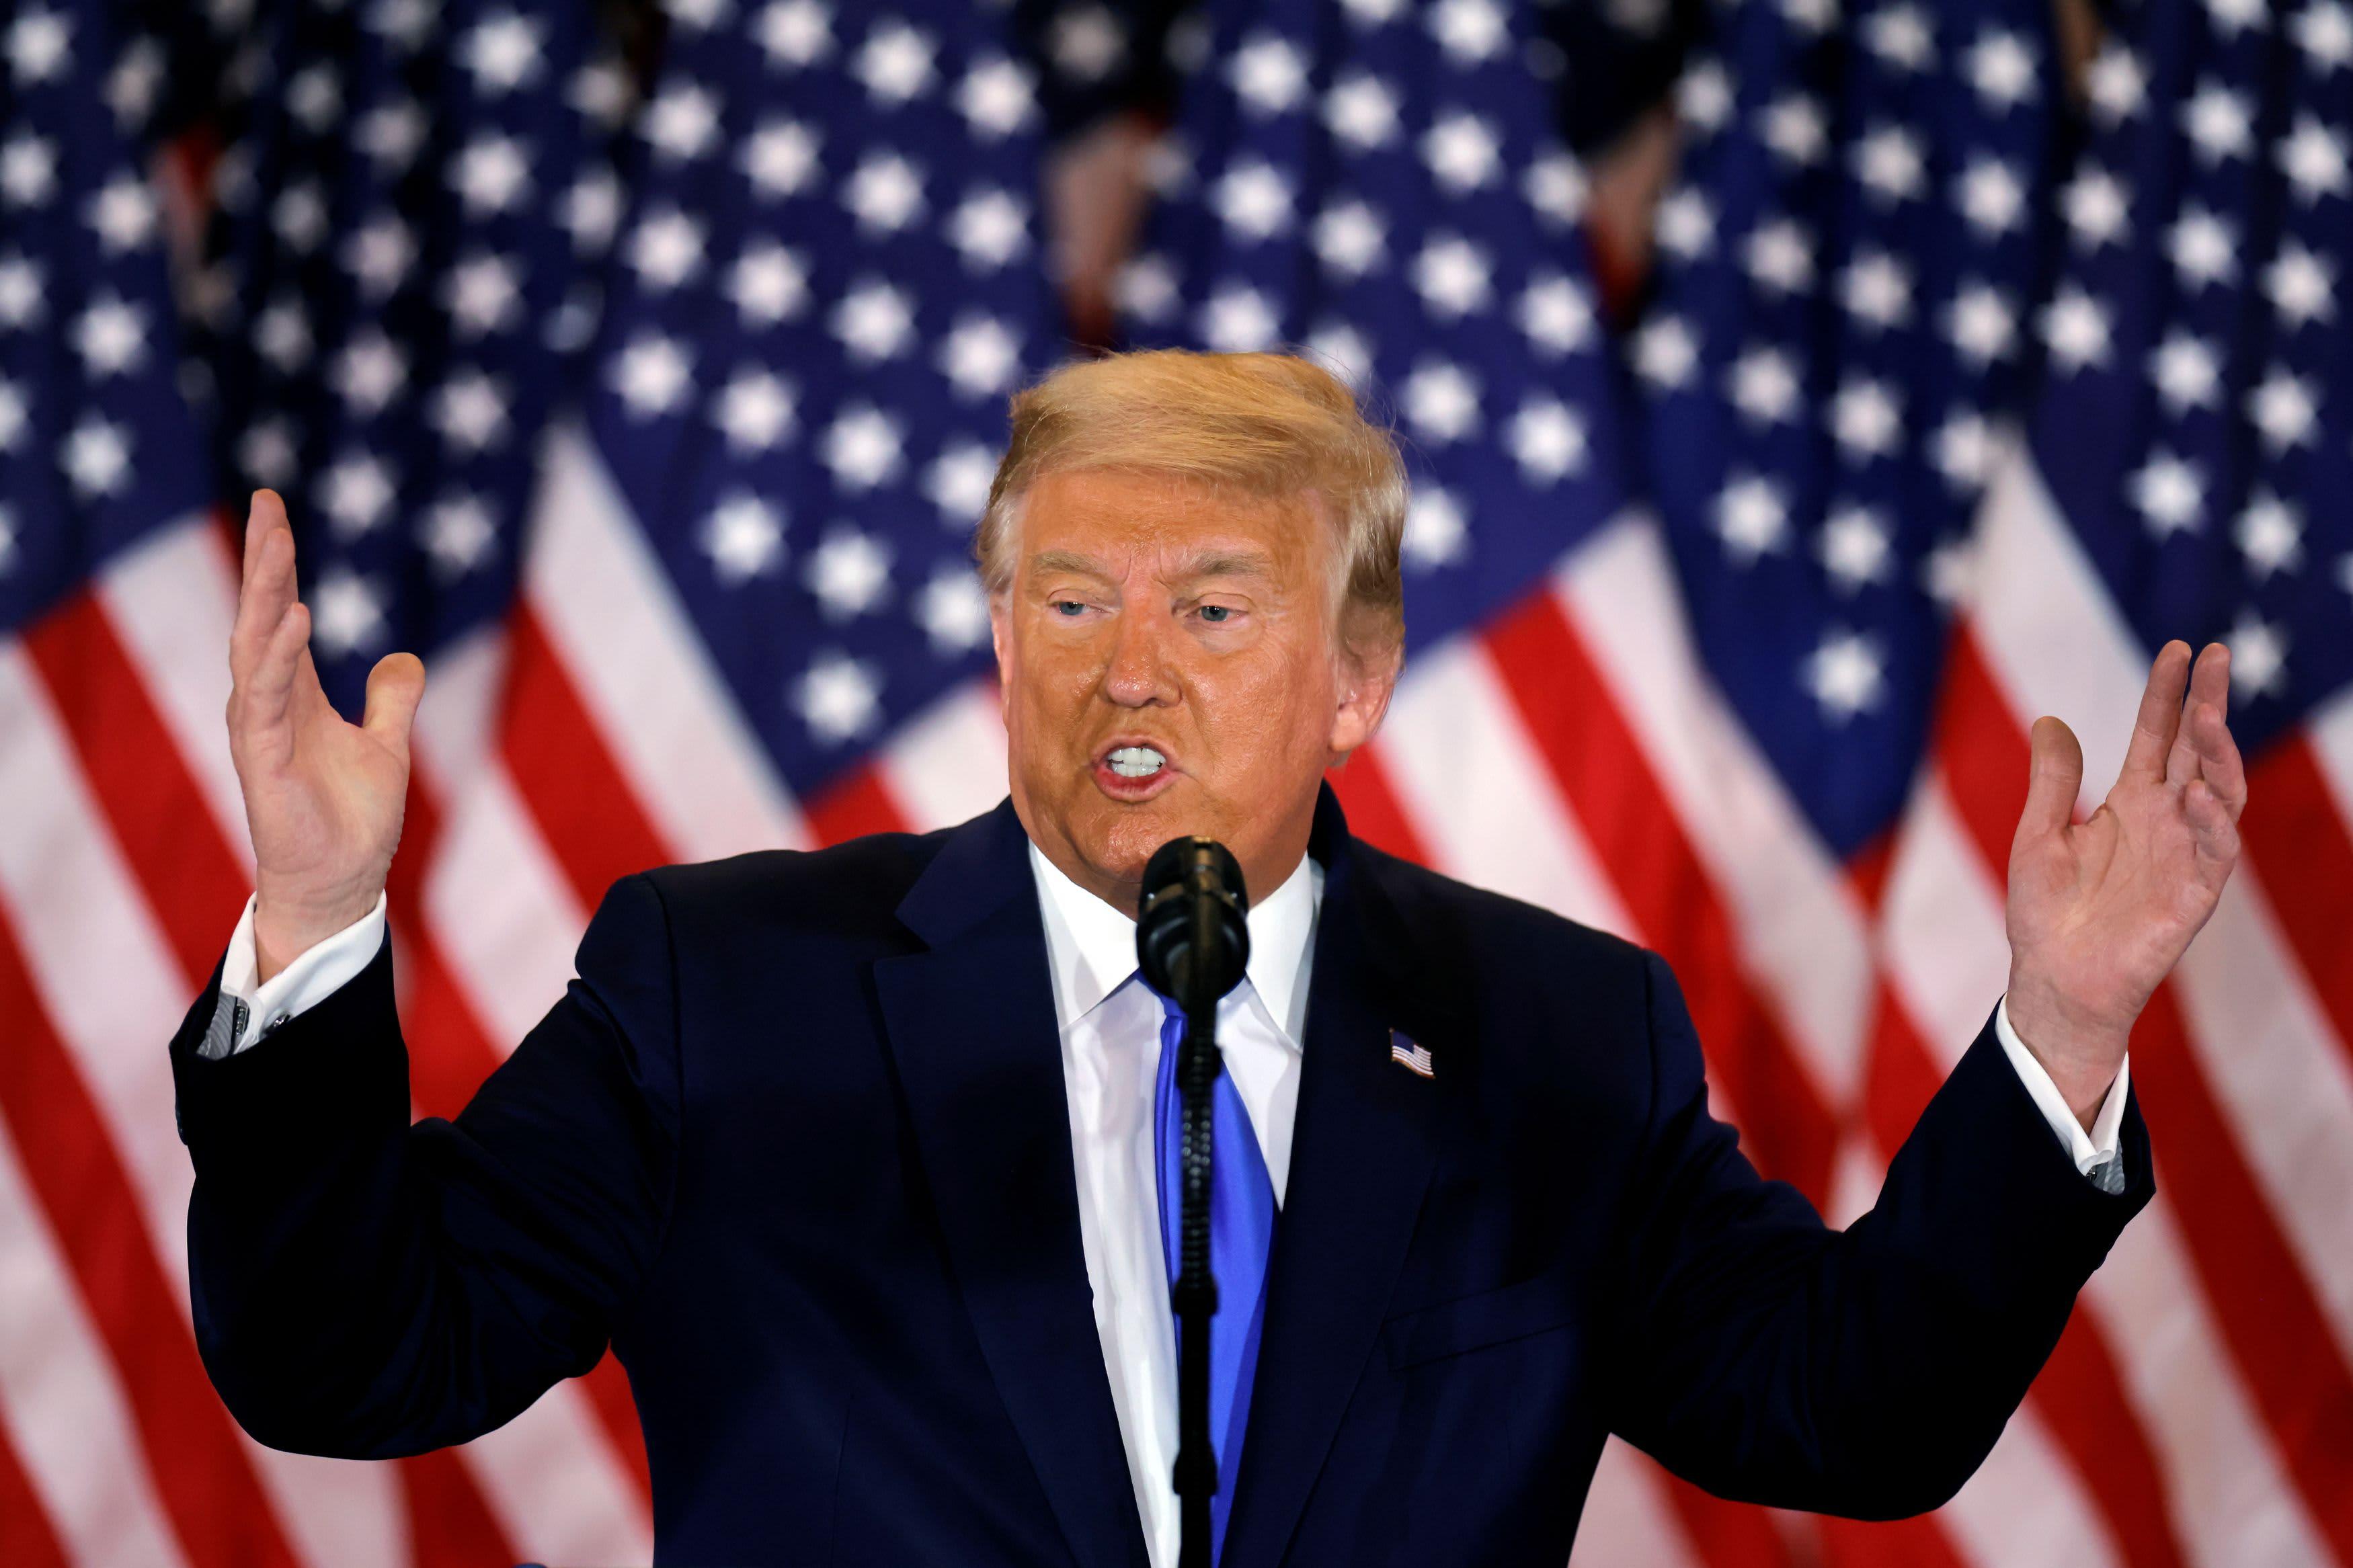 Quyết hỗ trợ Tổng thống Trump, Texas đệ đơn kiện lên Tòa án Tối cao - Ảnh 1